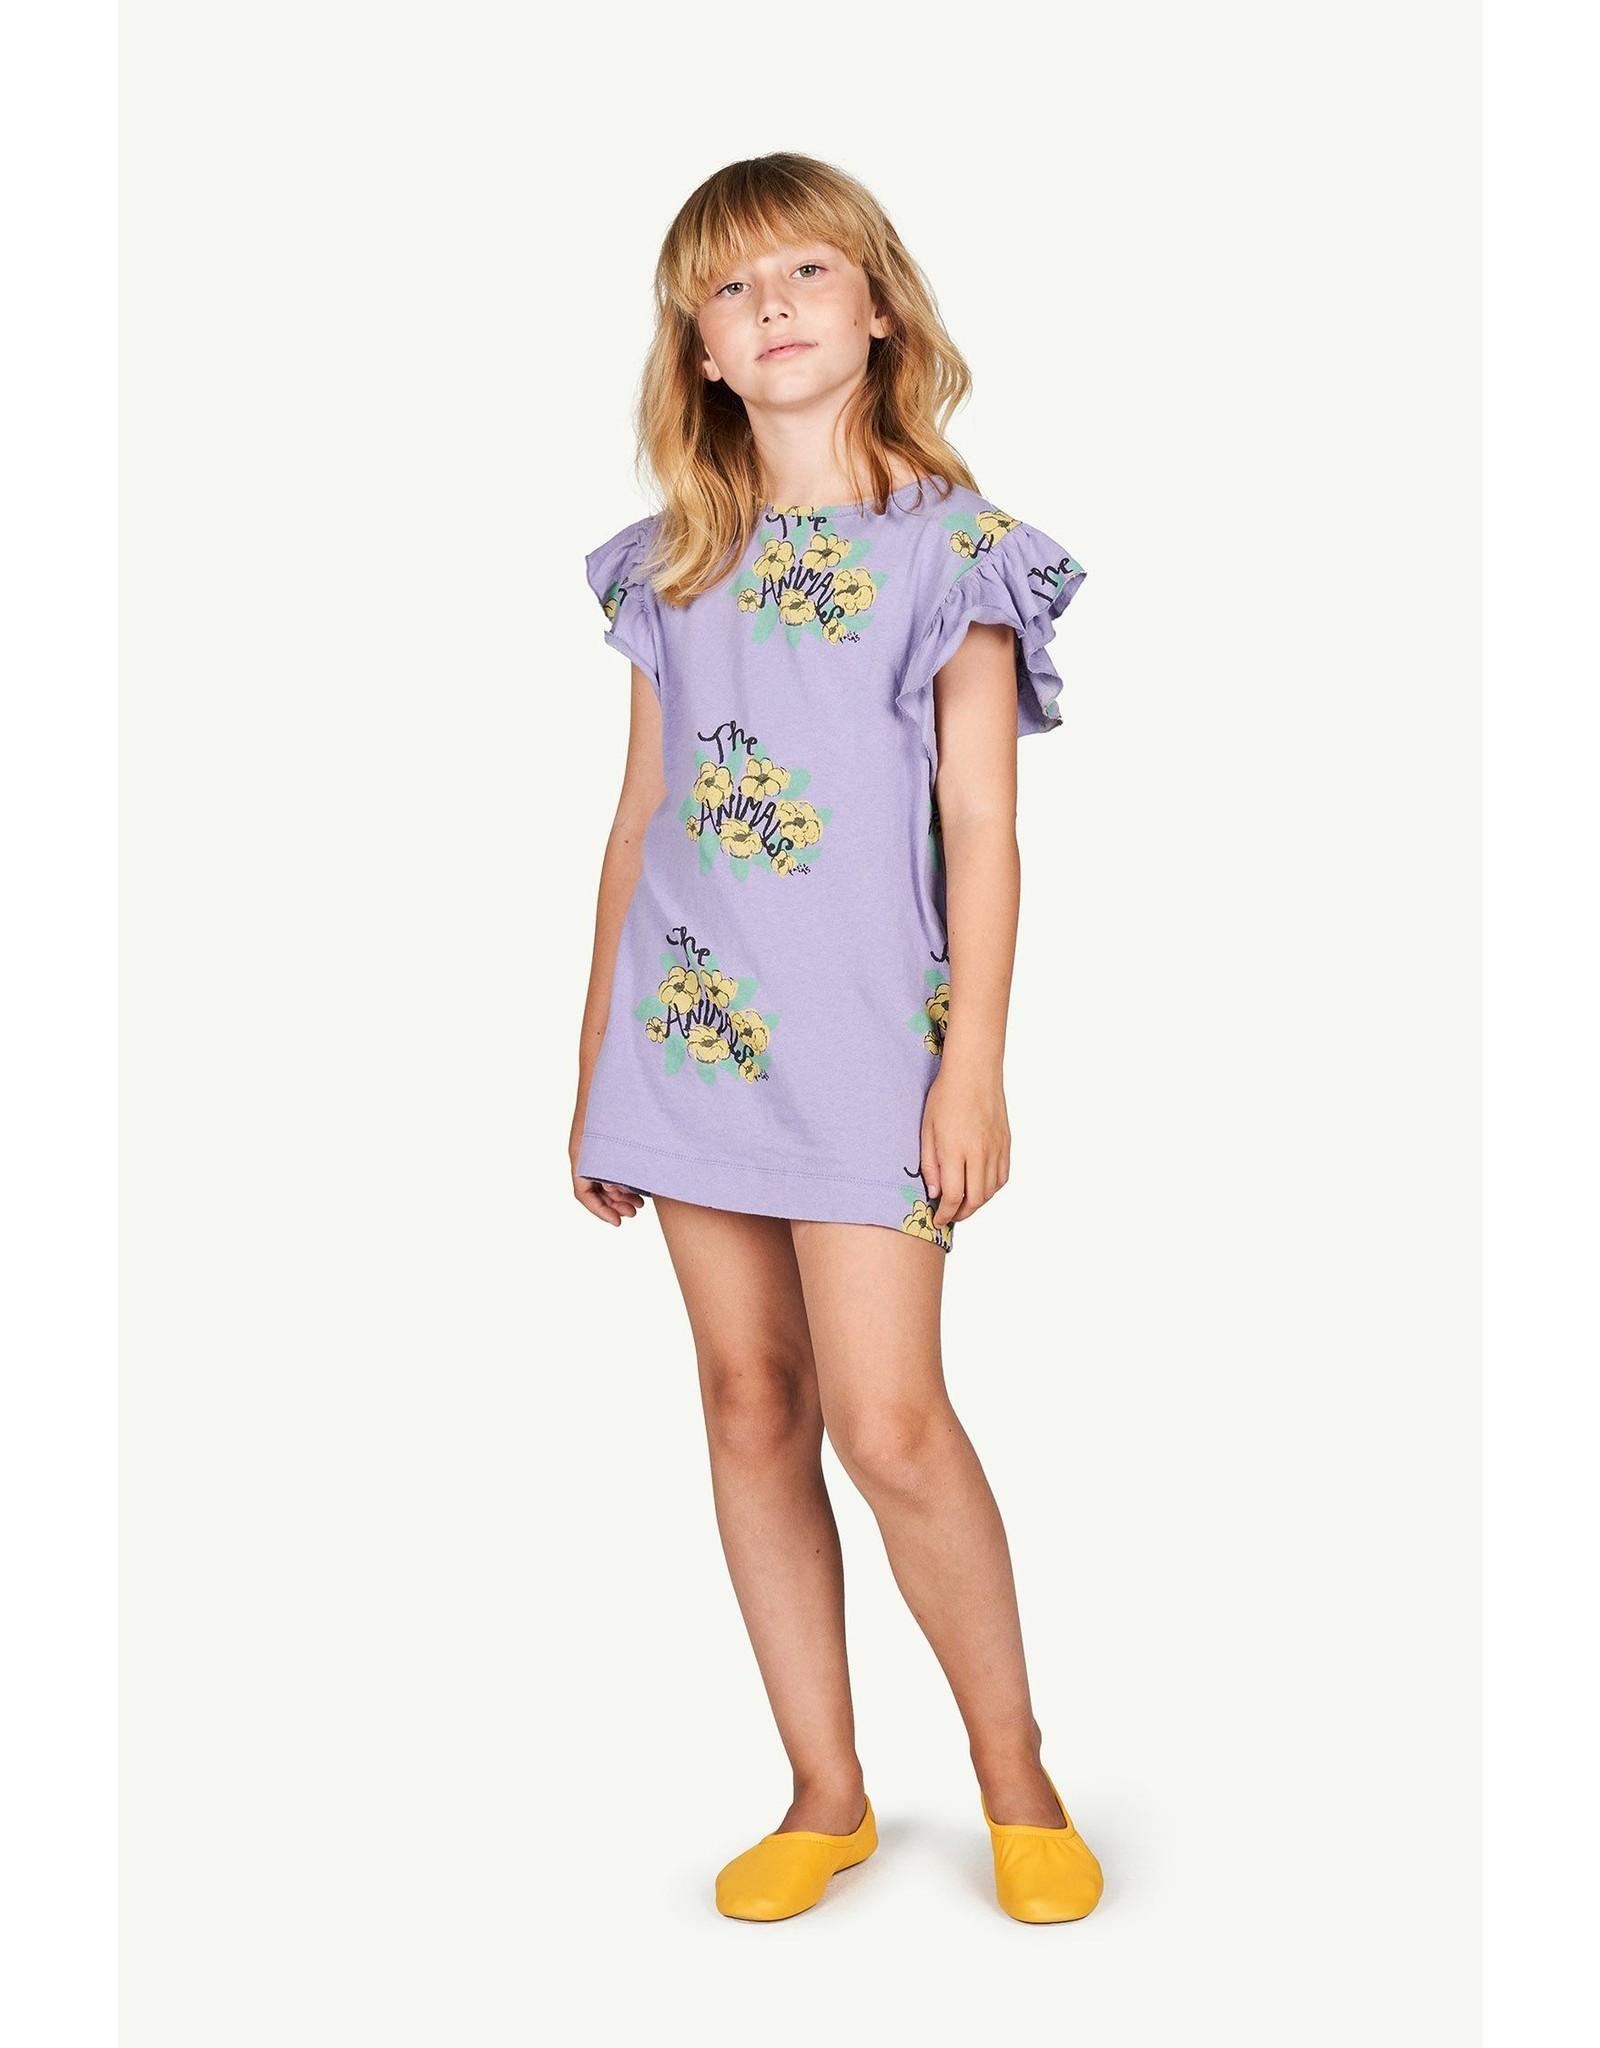 TAO SS21136 Fly dress purple flowers